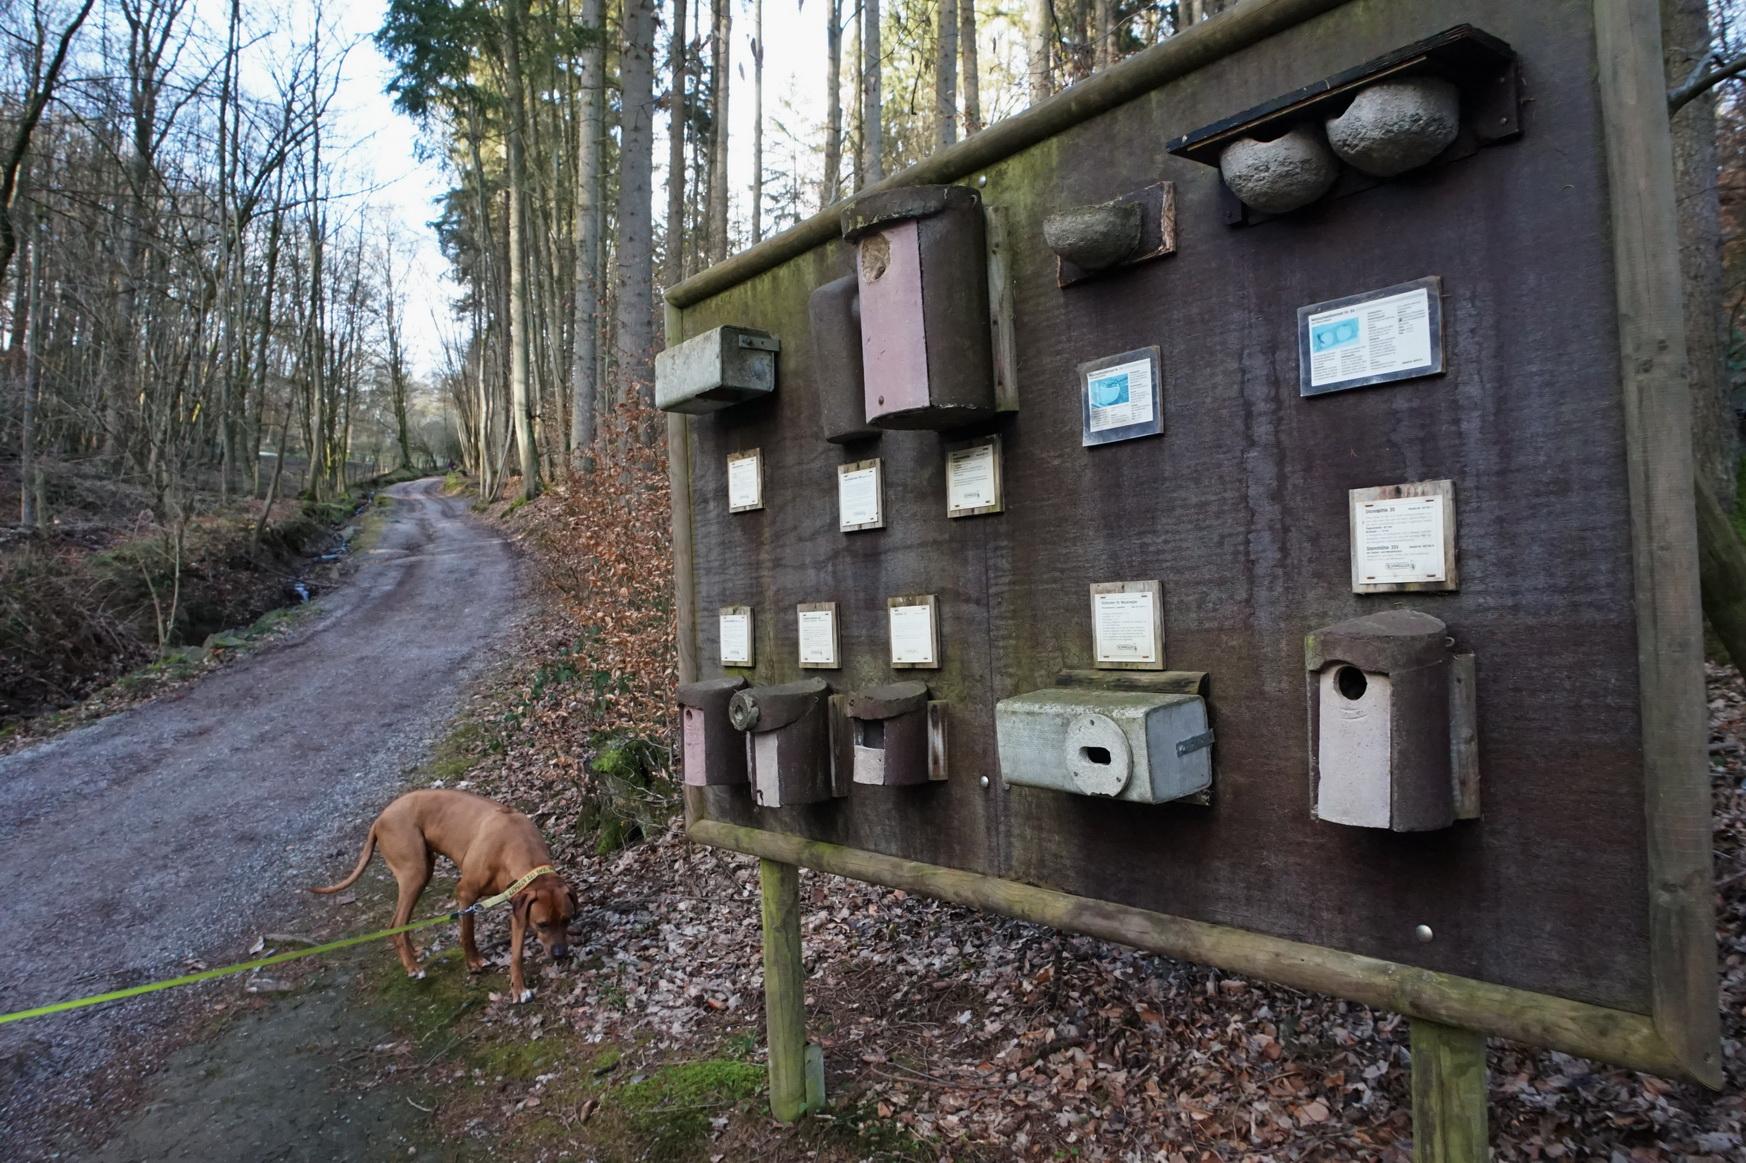 Informationen zum Thema Vogelnistplätze lassen Suri völlig kalt.